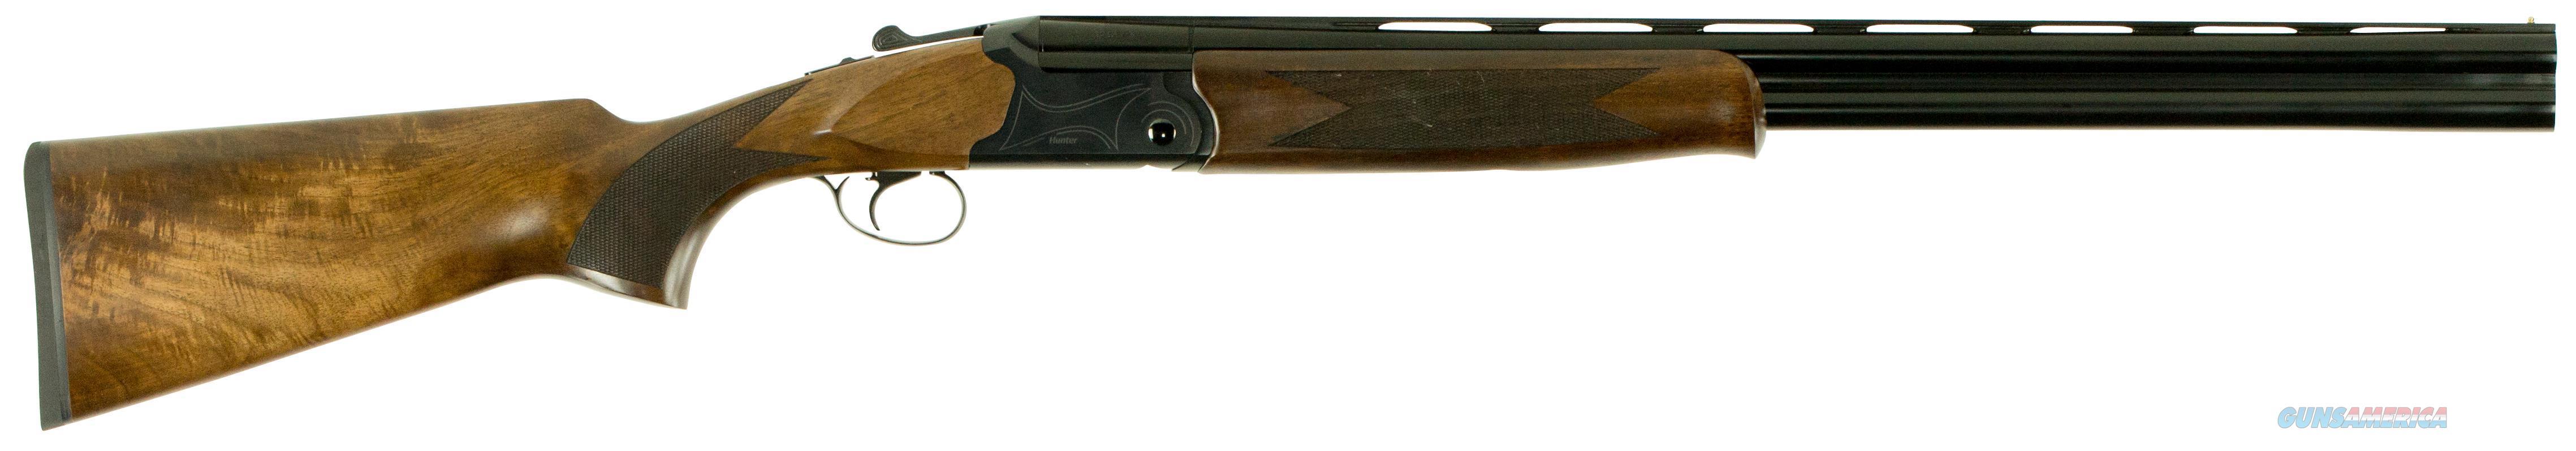 """Dickinson Oshunter Os Over/Under 12 Gauge 26"""" 3"""" Wood Stk White Steel OSHUNTER  Guns > Rifles > D Misc Rifles"""